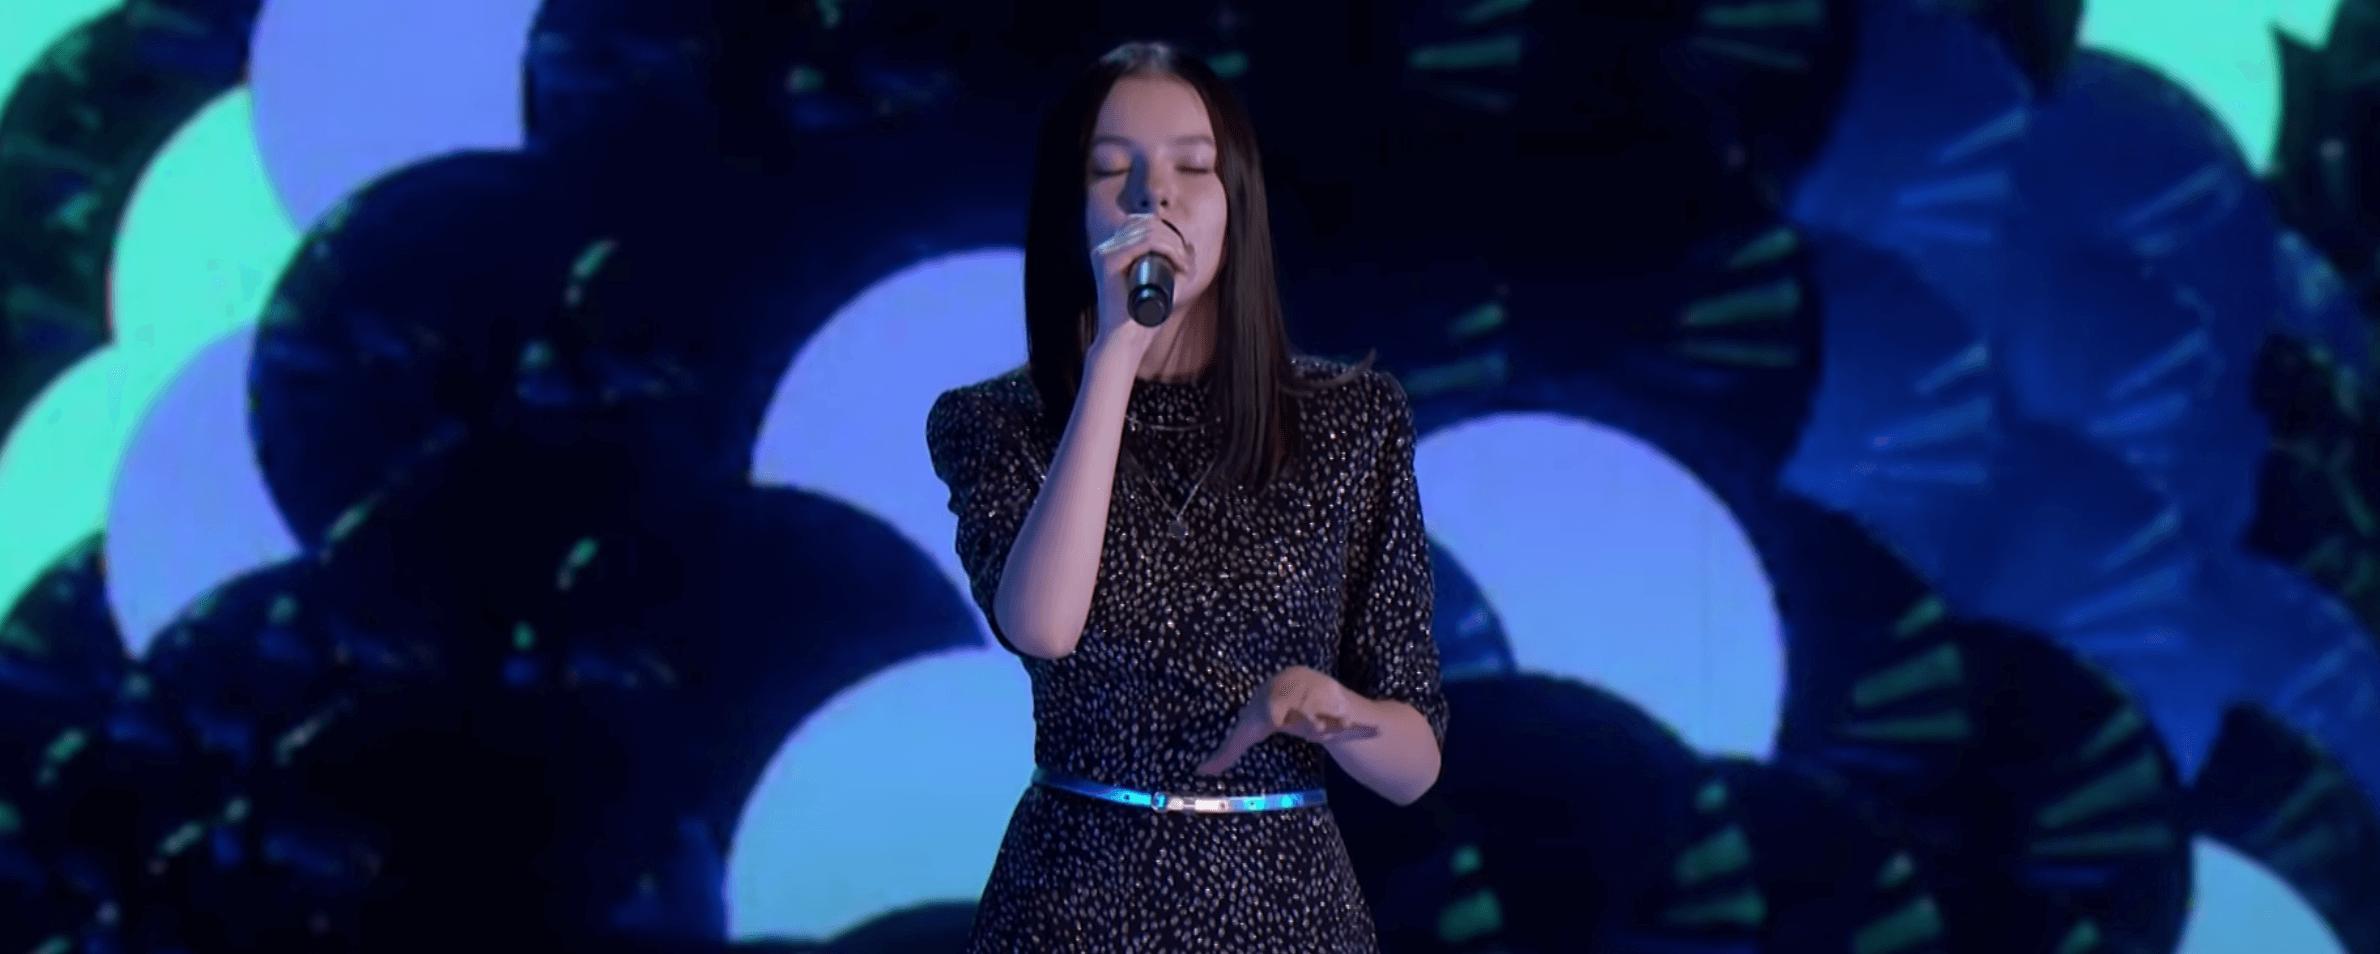 Данэлия Тулешова в финале шоу America's Got Talent: видео